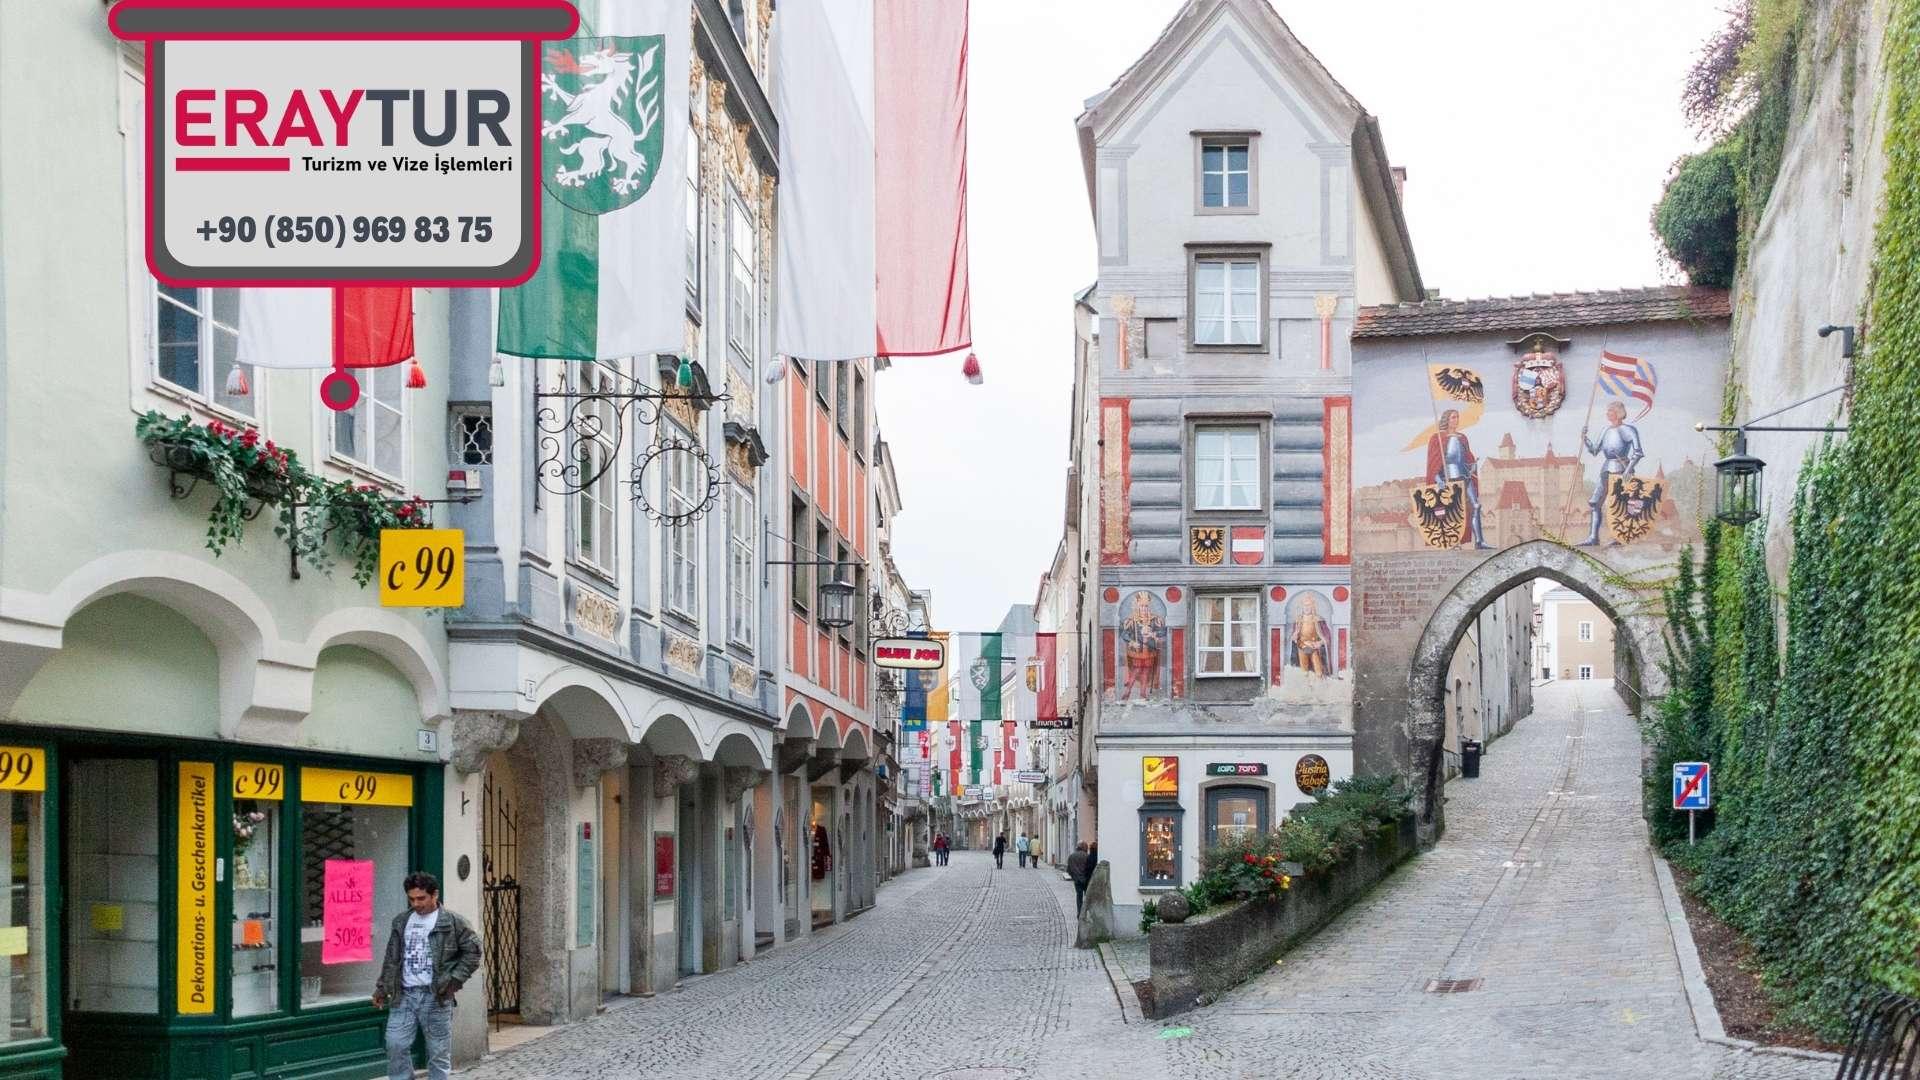 Avusturya Turistik Vize Formu